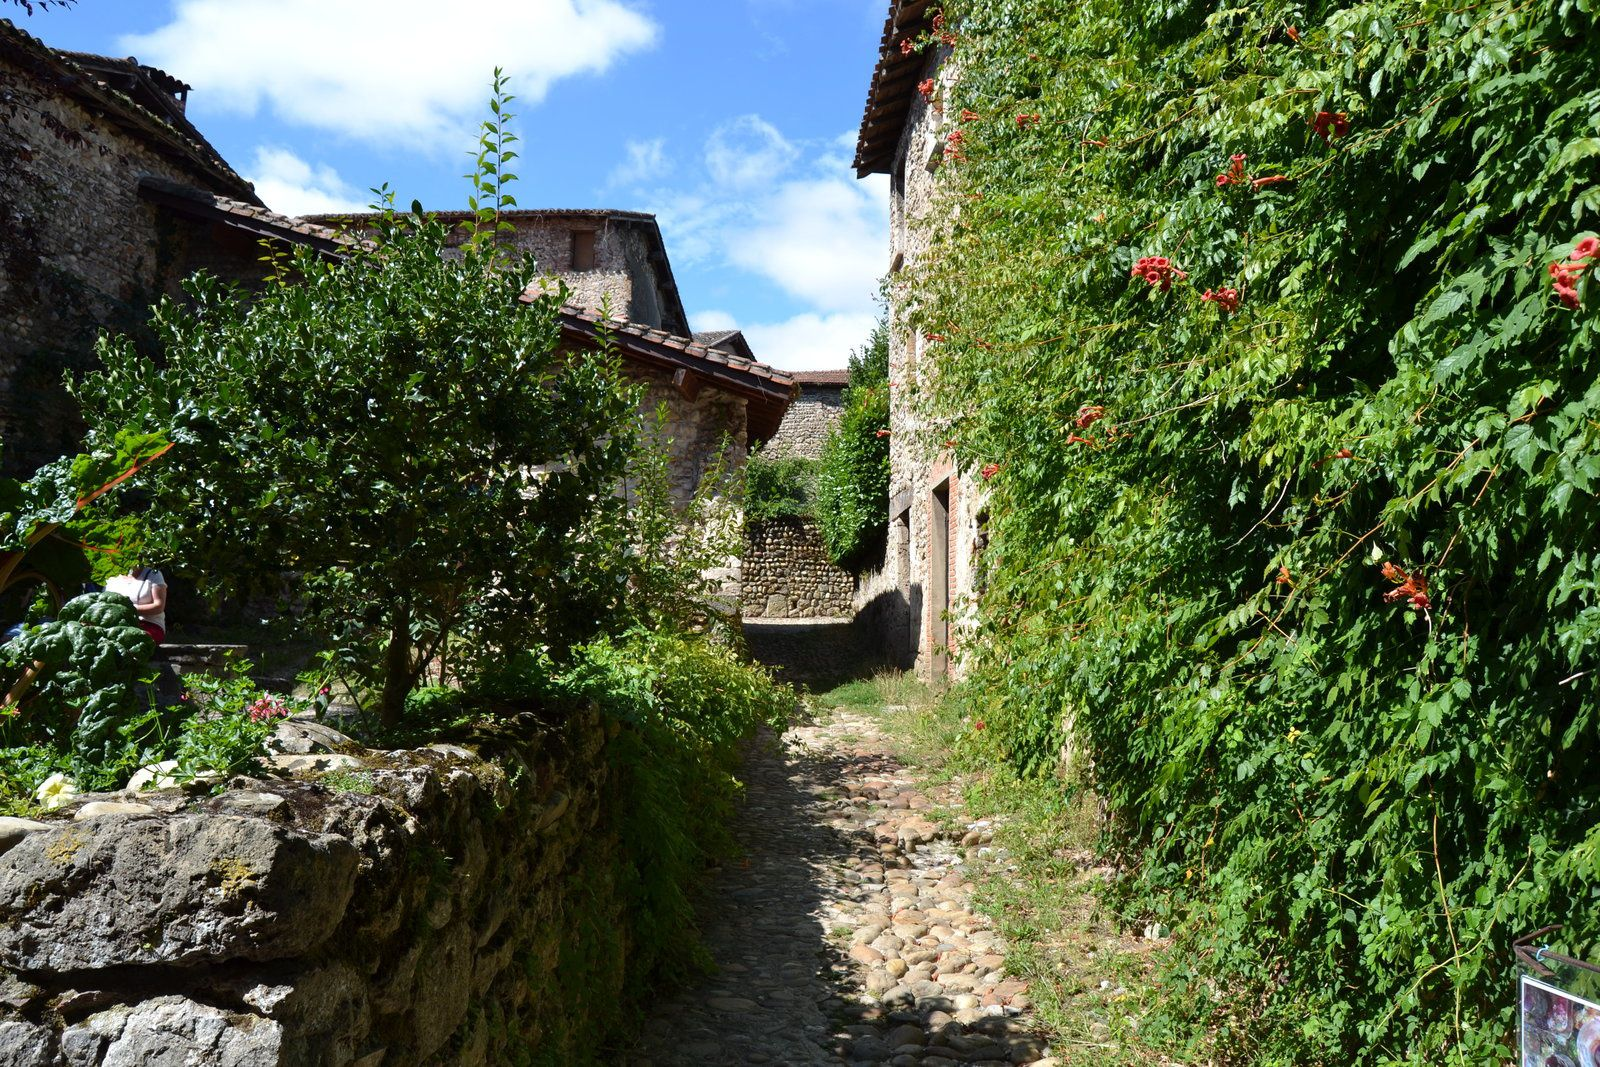 Des éléments de la citée croisés çà et là dans le village, dont, au creux de sa niche, le saint Georges, patron de Pérouges.